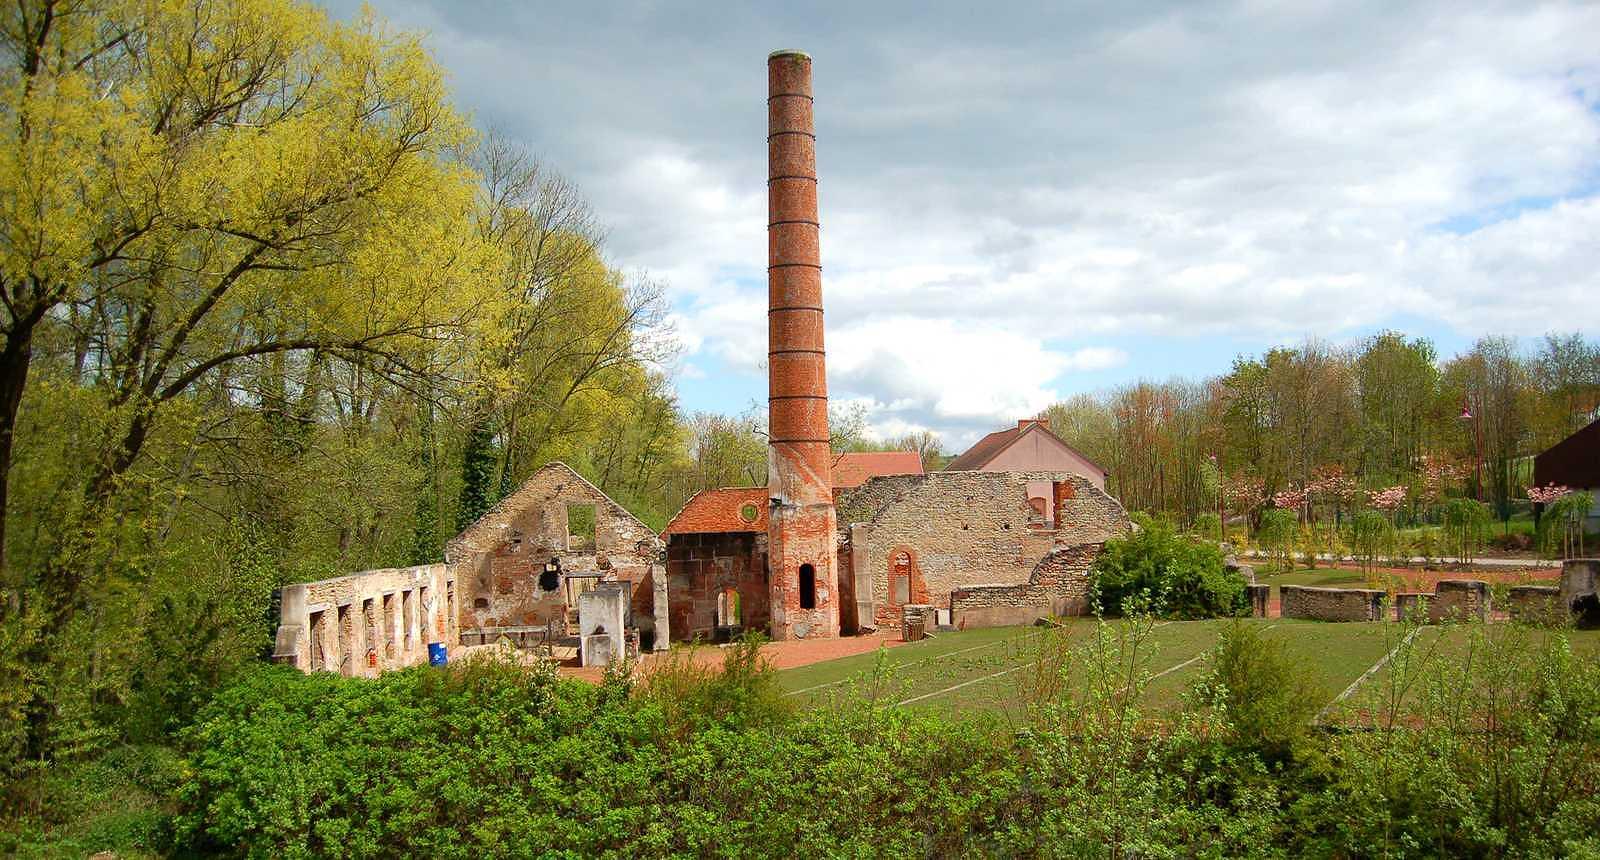 Une ancienne usine de faïencerie, devenue le Jardin des Faïenciers